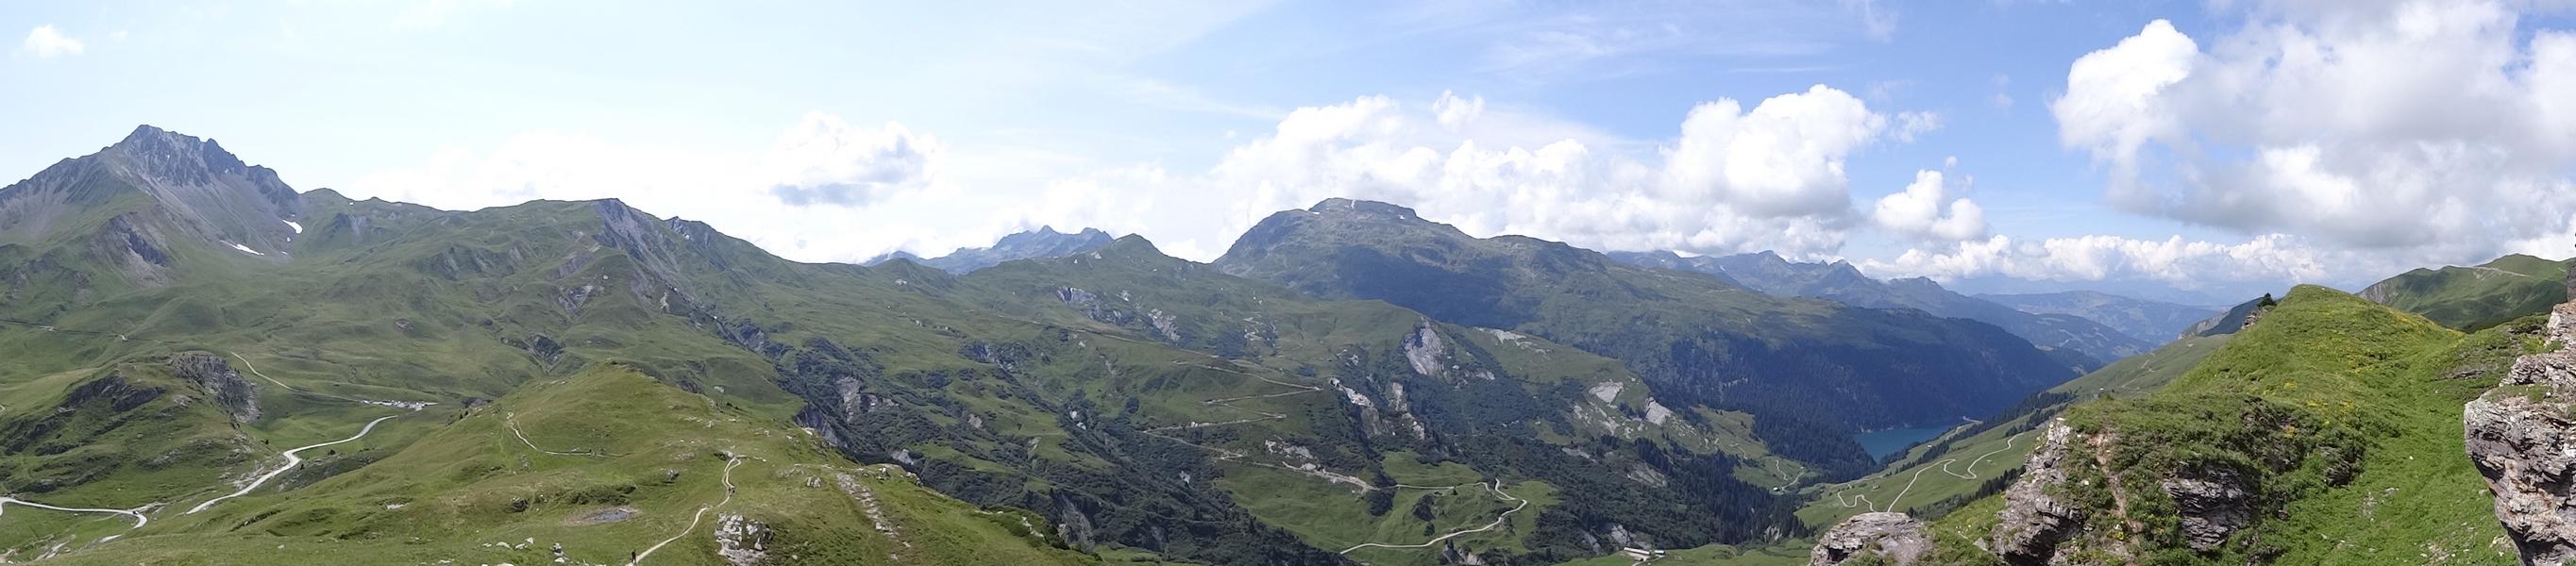 Toujours depuis la Croix du Berger, de gauche à droite : le Crêt du Rey, le Crêt du Boeuf, le Col de Charvetan, la Pointe du Riondet et le Grand Mont